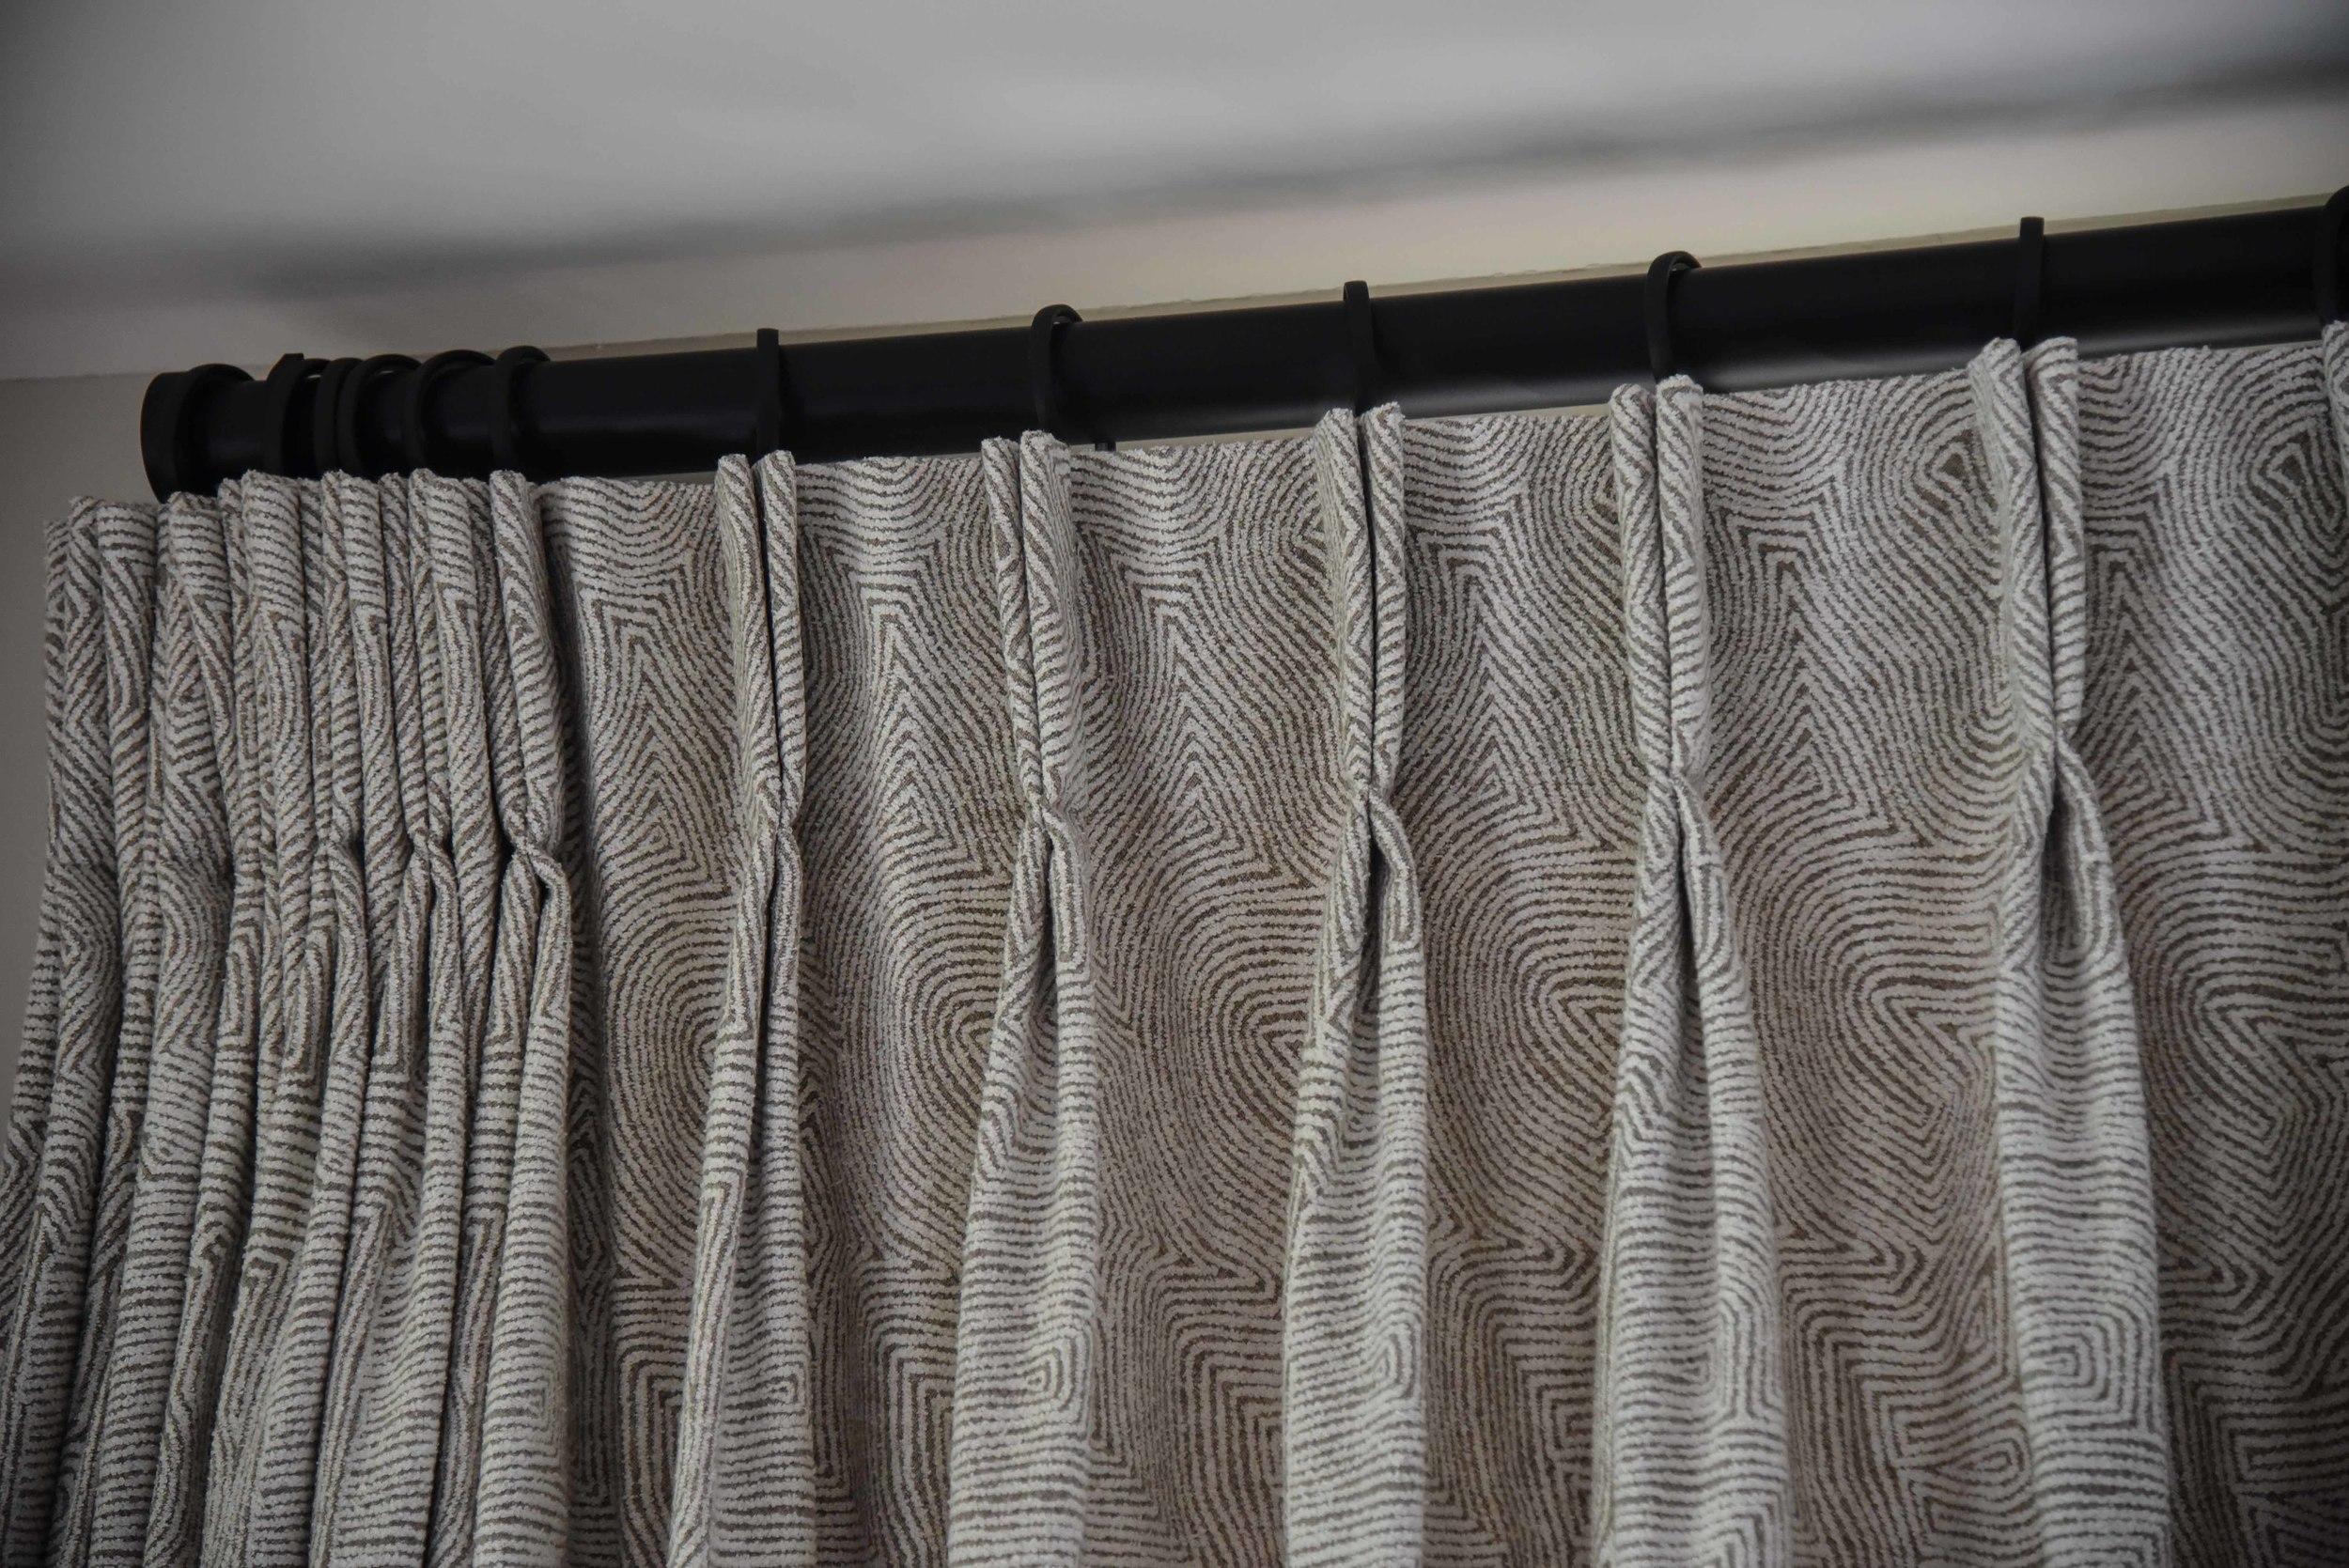 curtains-9.jpg